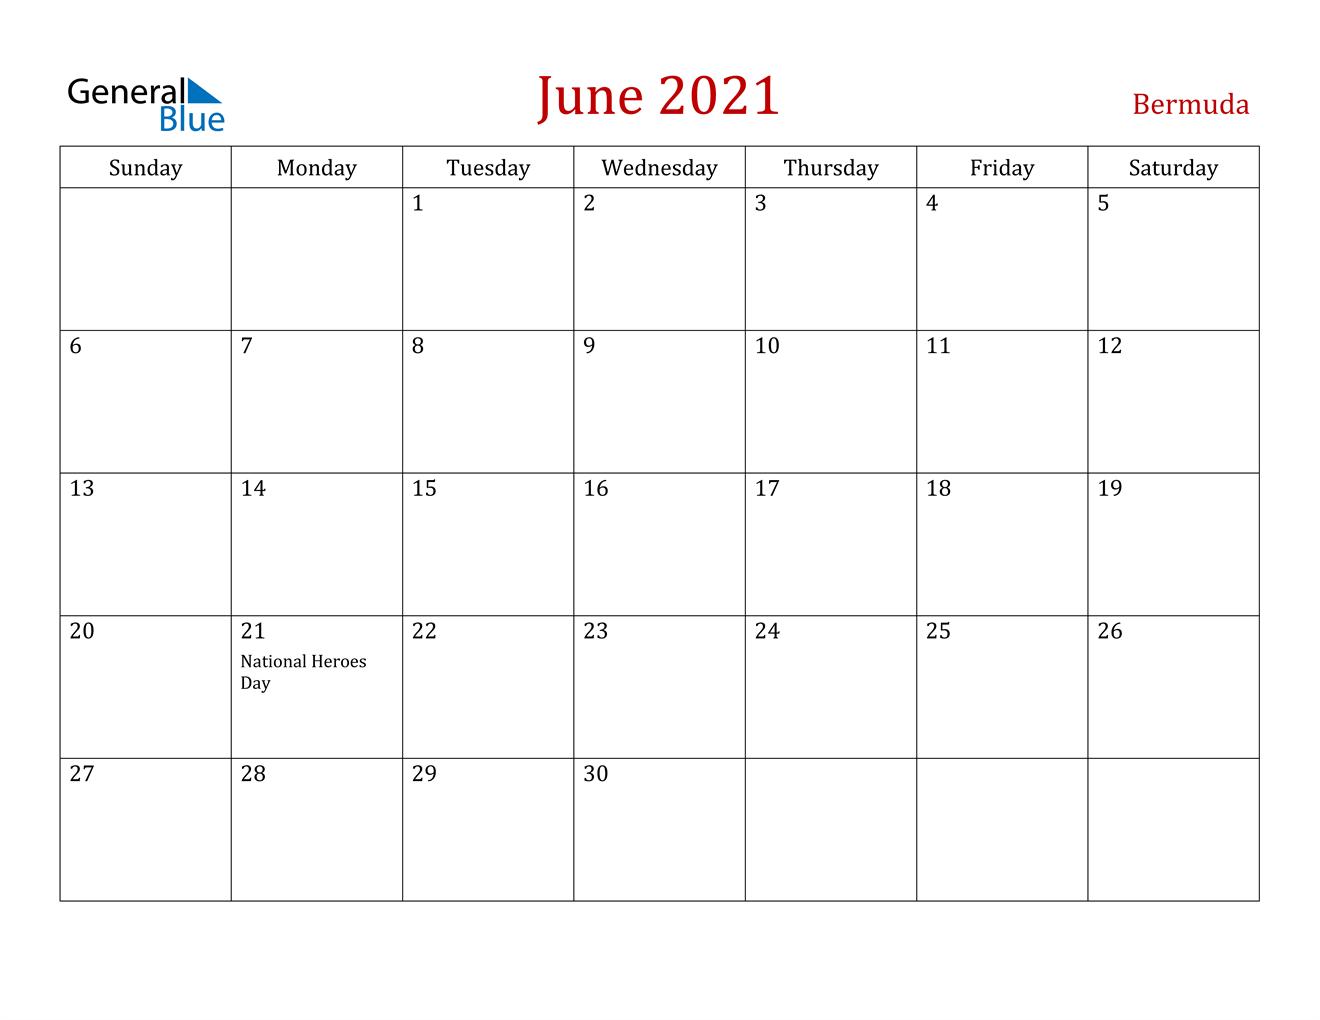 June 2021 Calendar - Bermuda